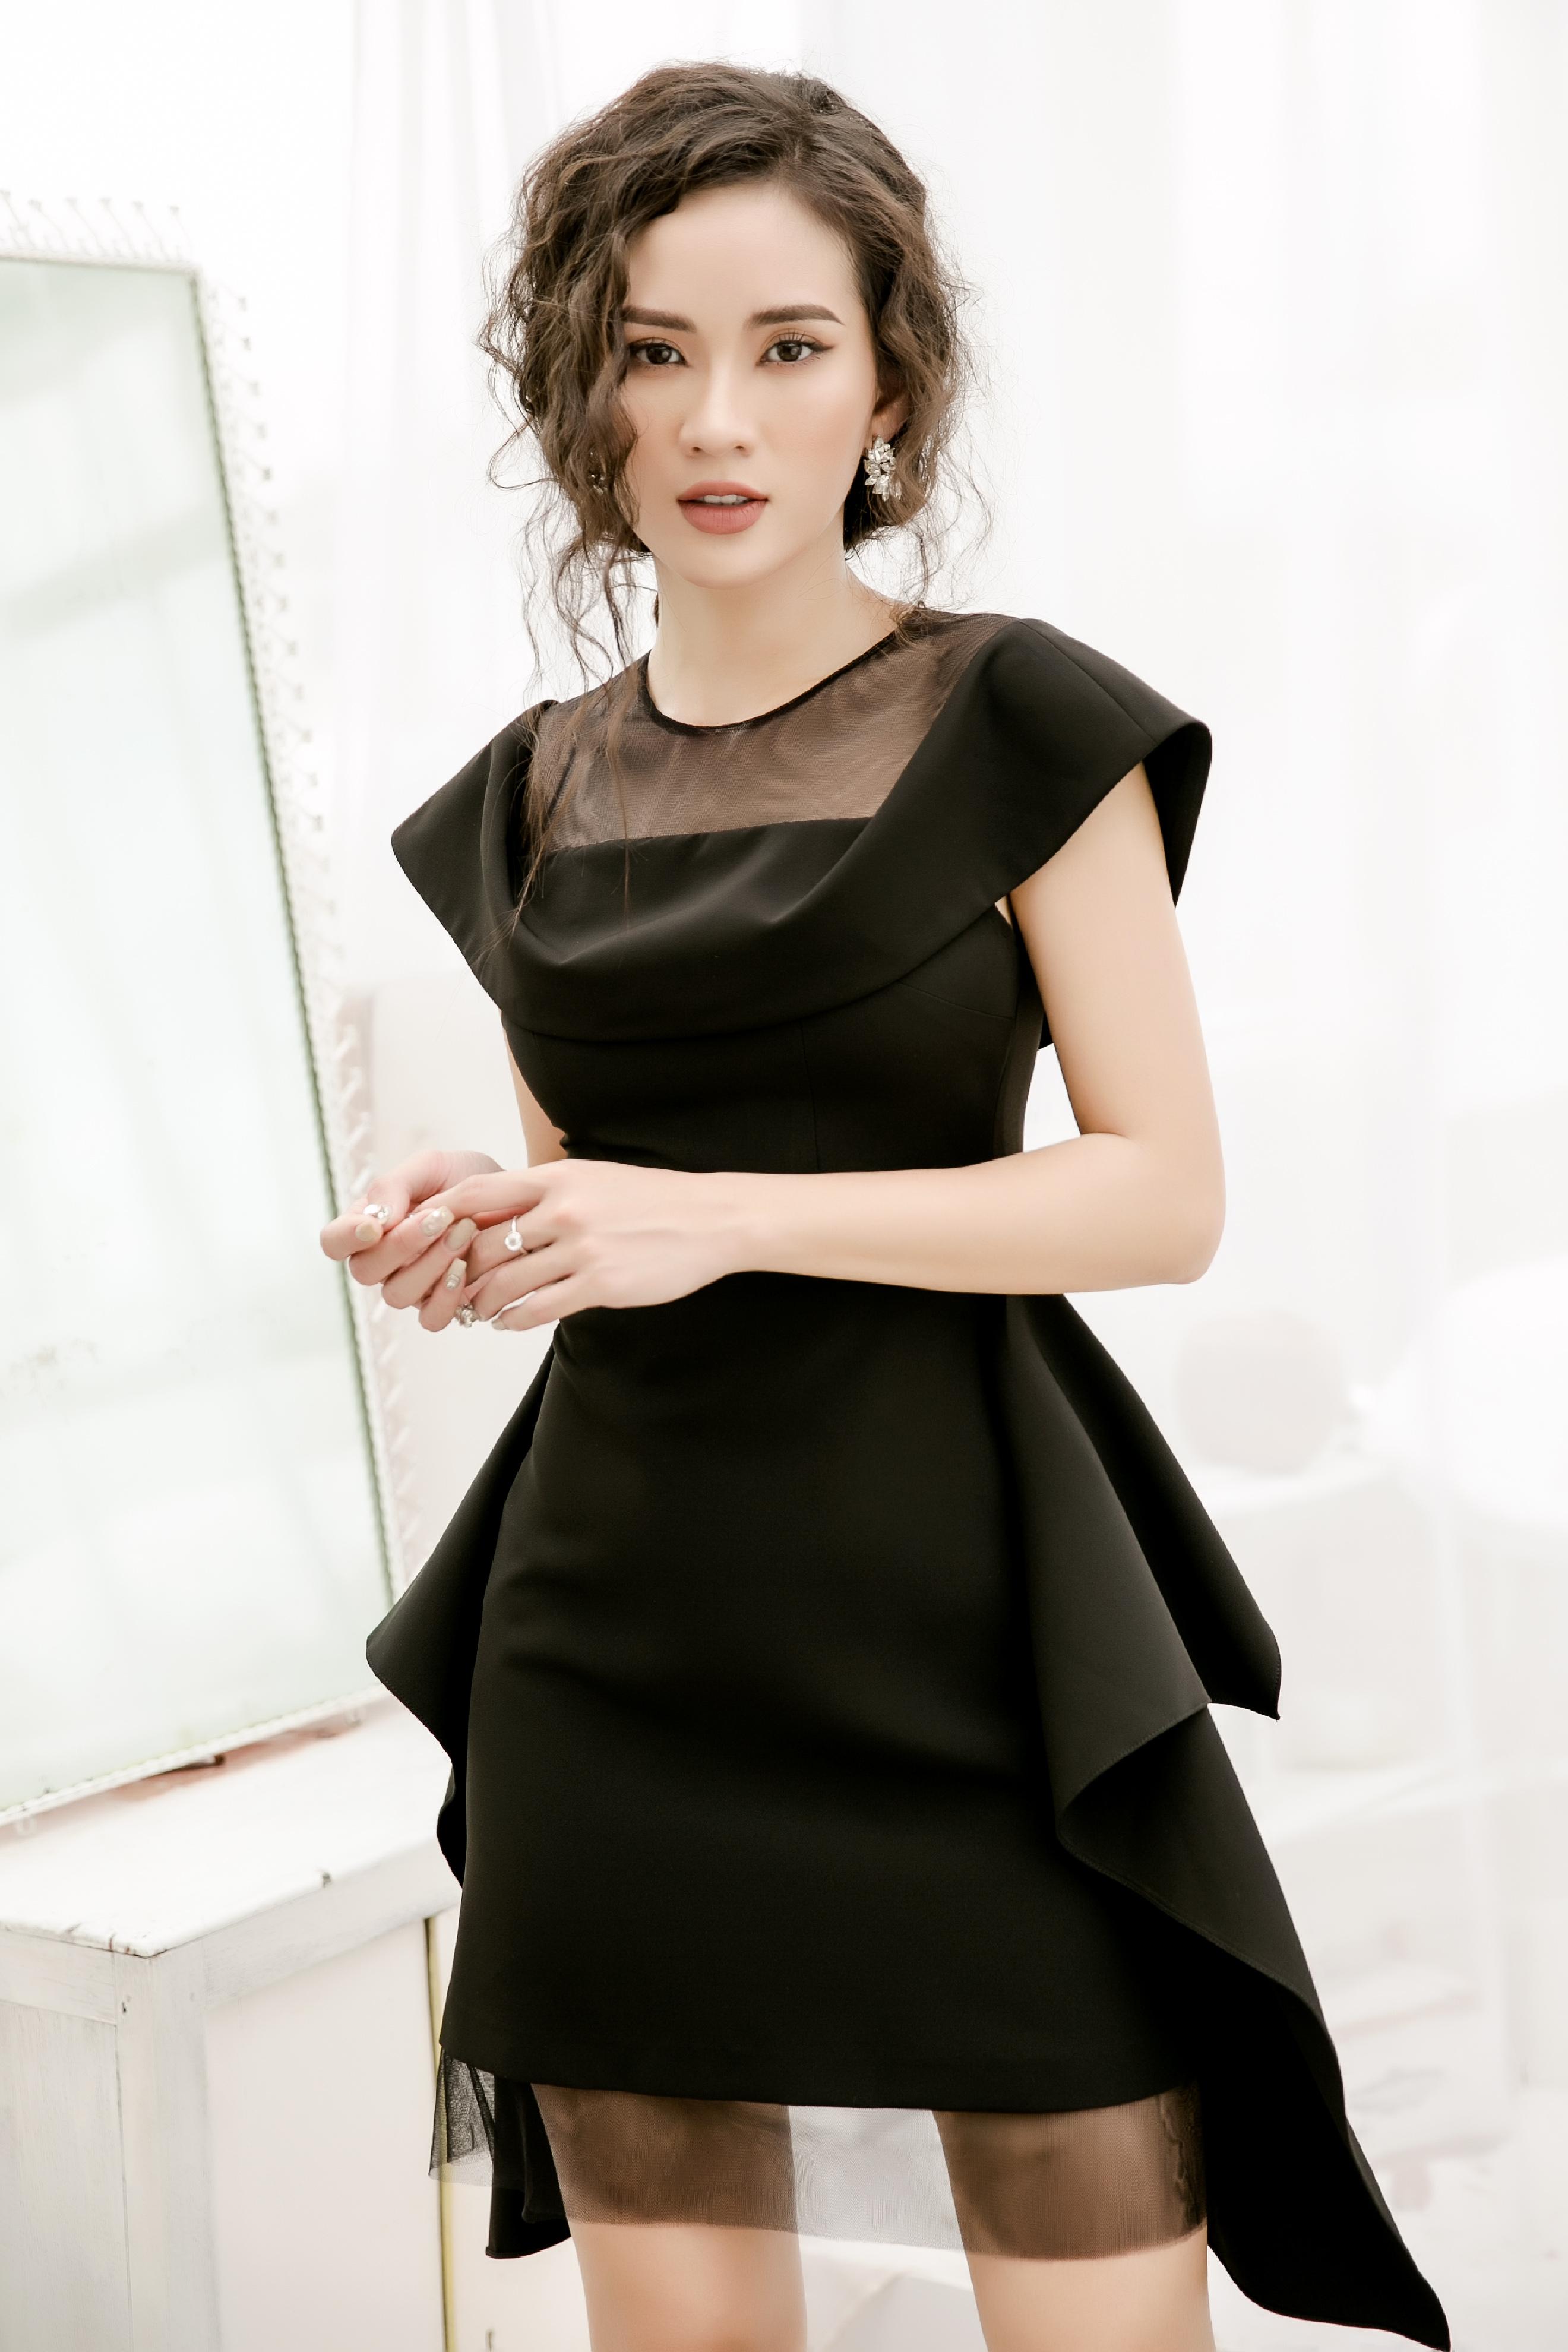 V585 - Váy đầm ôm A tạo khối thiết kế trễ vai pha lưới - Đen, Trắng - Bely